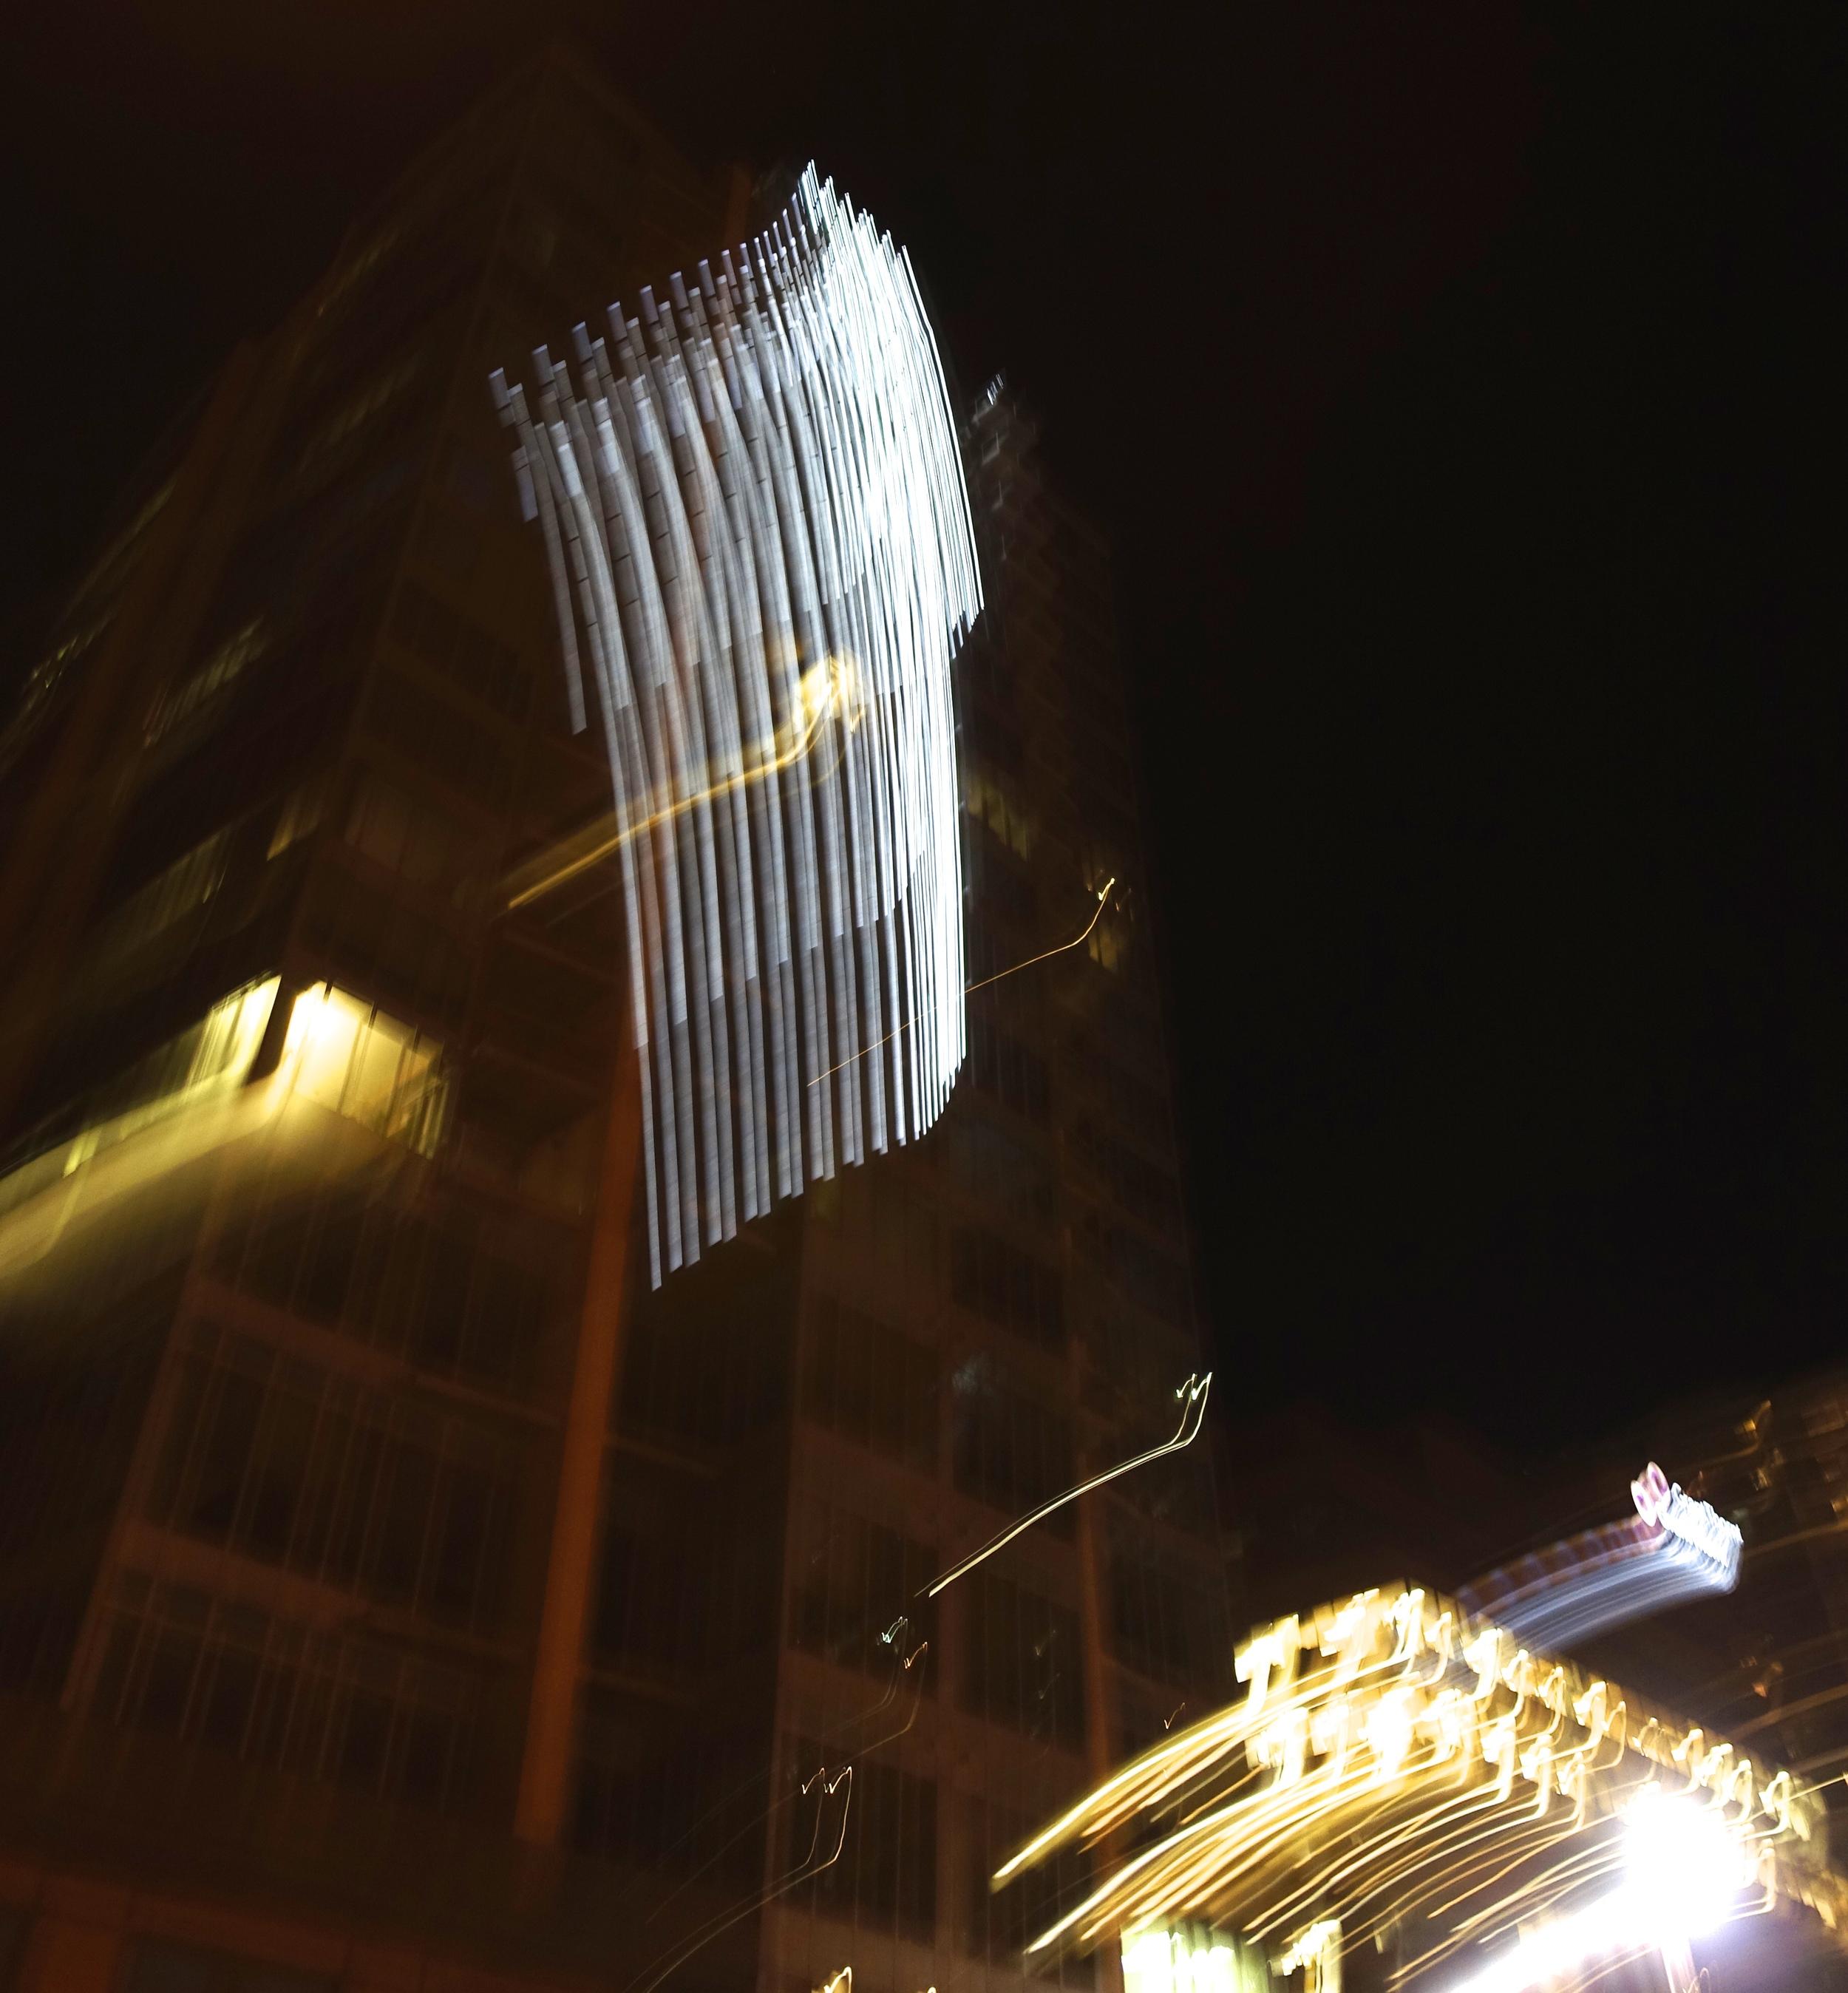 West End condo light show.